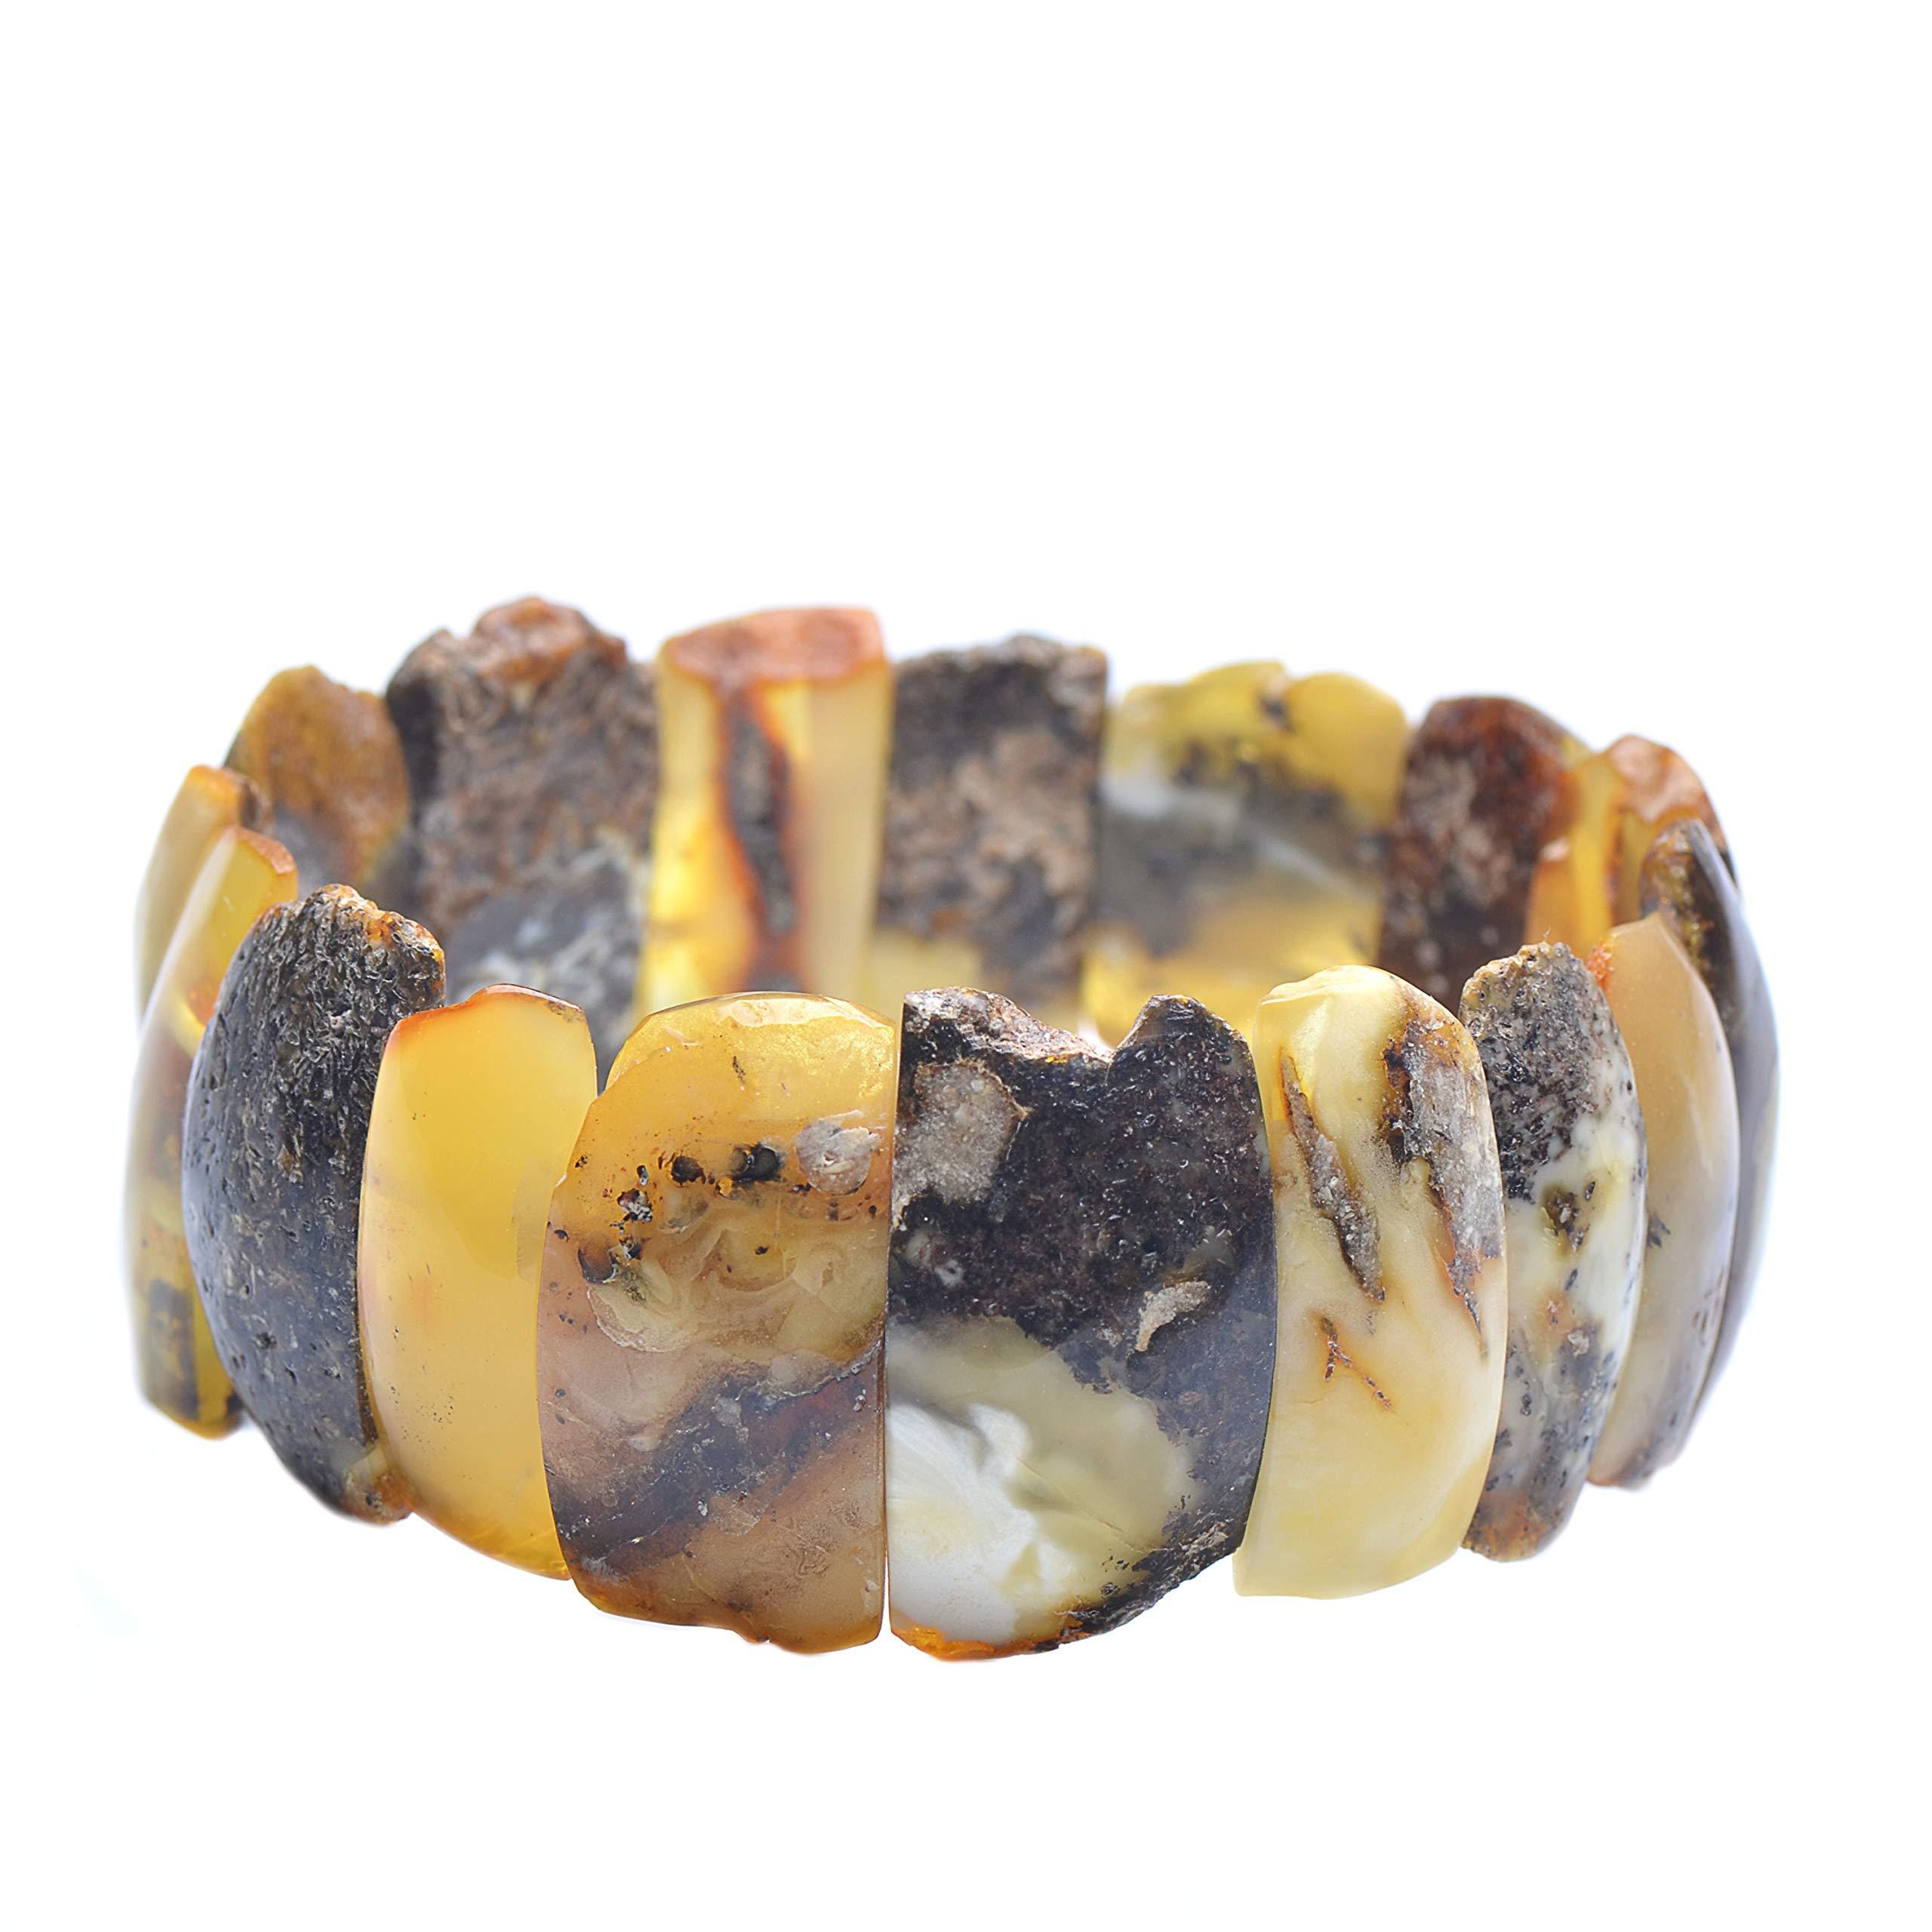 Colorful Amber Bracelet - Vintage Bracelet - Amber Bracelet - Vintage Amber Bracelet - Baltic Amber Bracelet by Genuine Amber (Image #1)